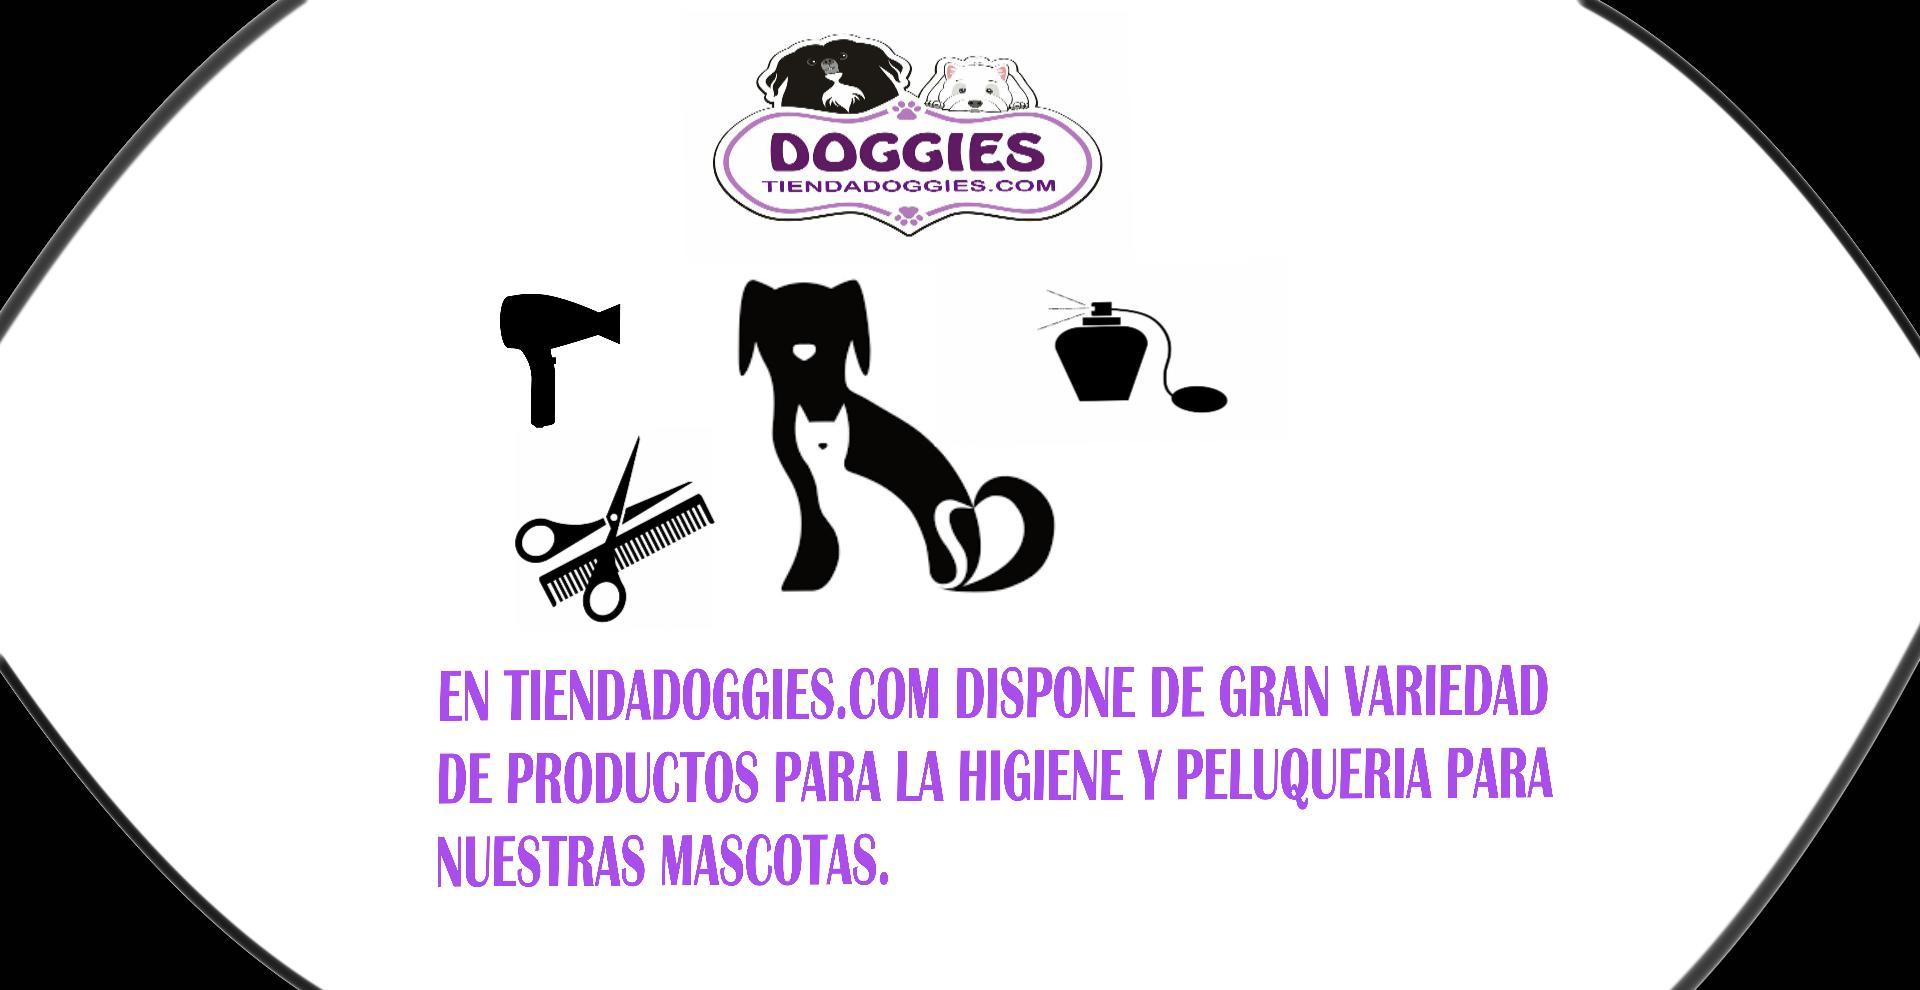 Higiene y peluqueria canina en tiendadoggies.com